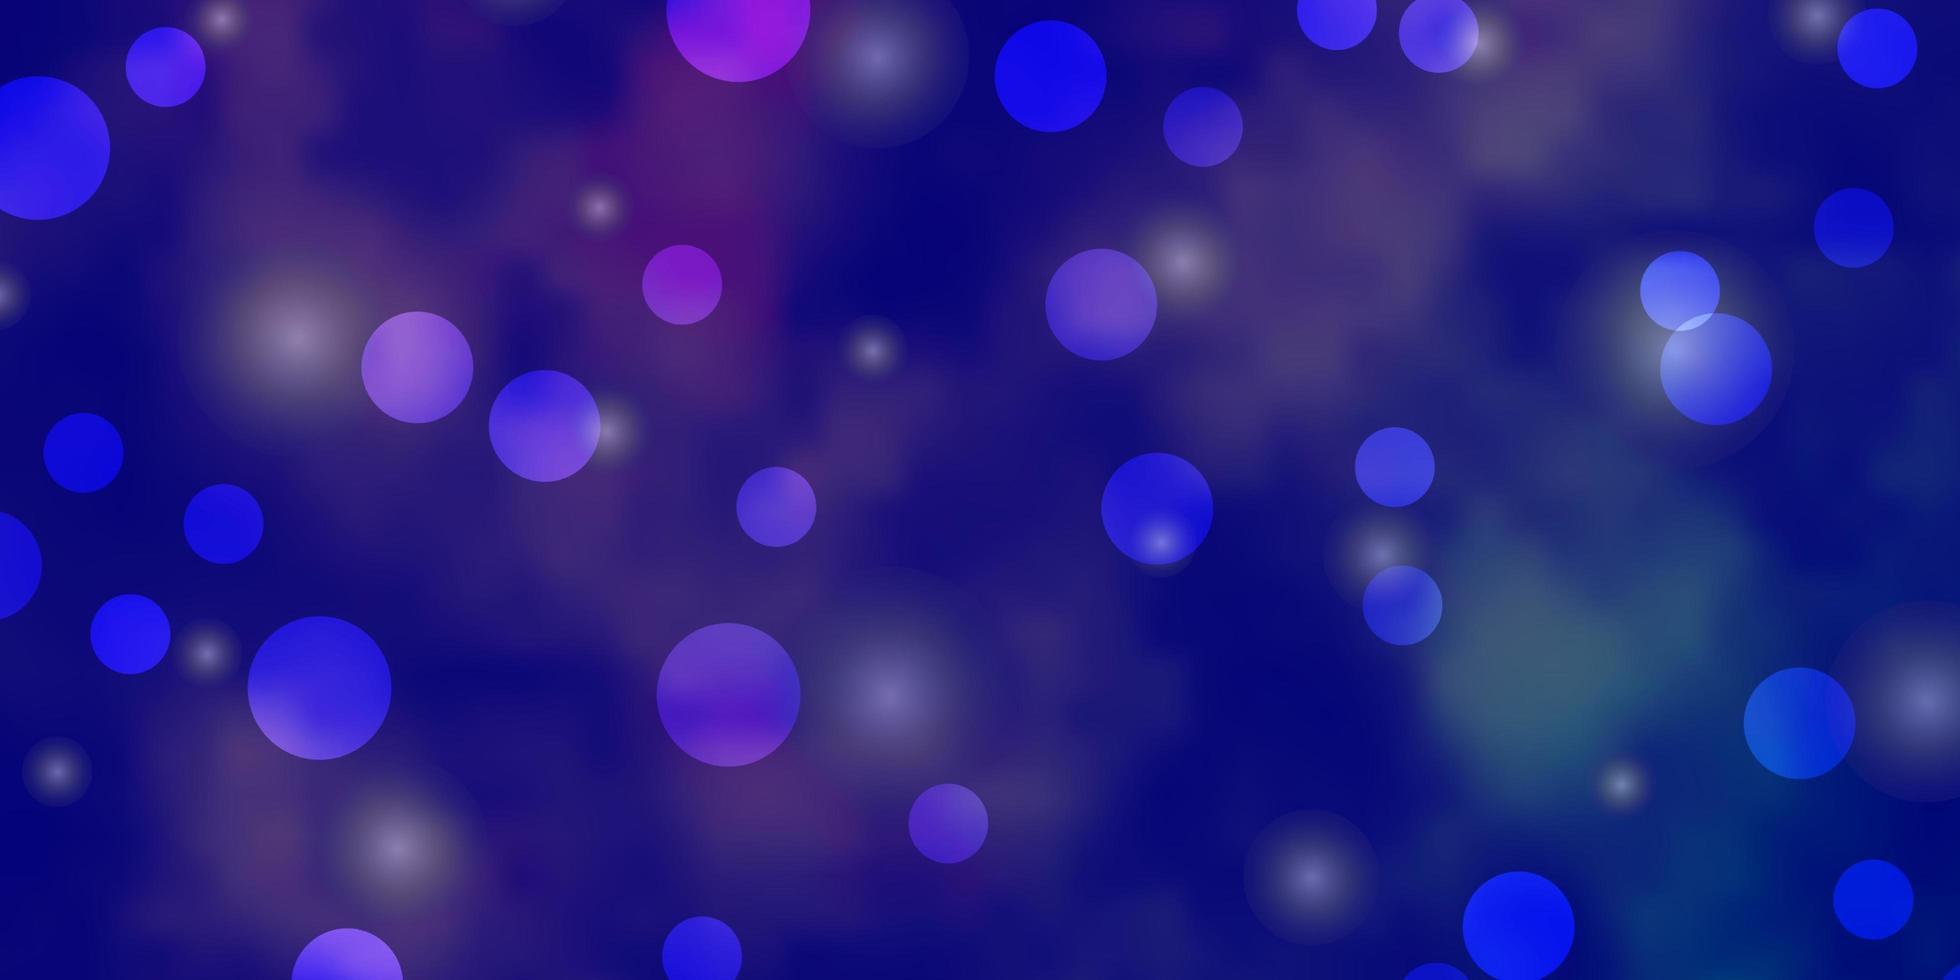 patrón de vector púrpura claro con círculos, estrellas.